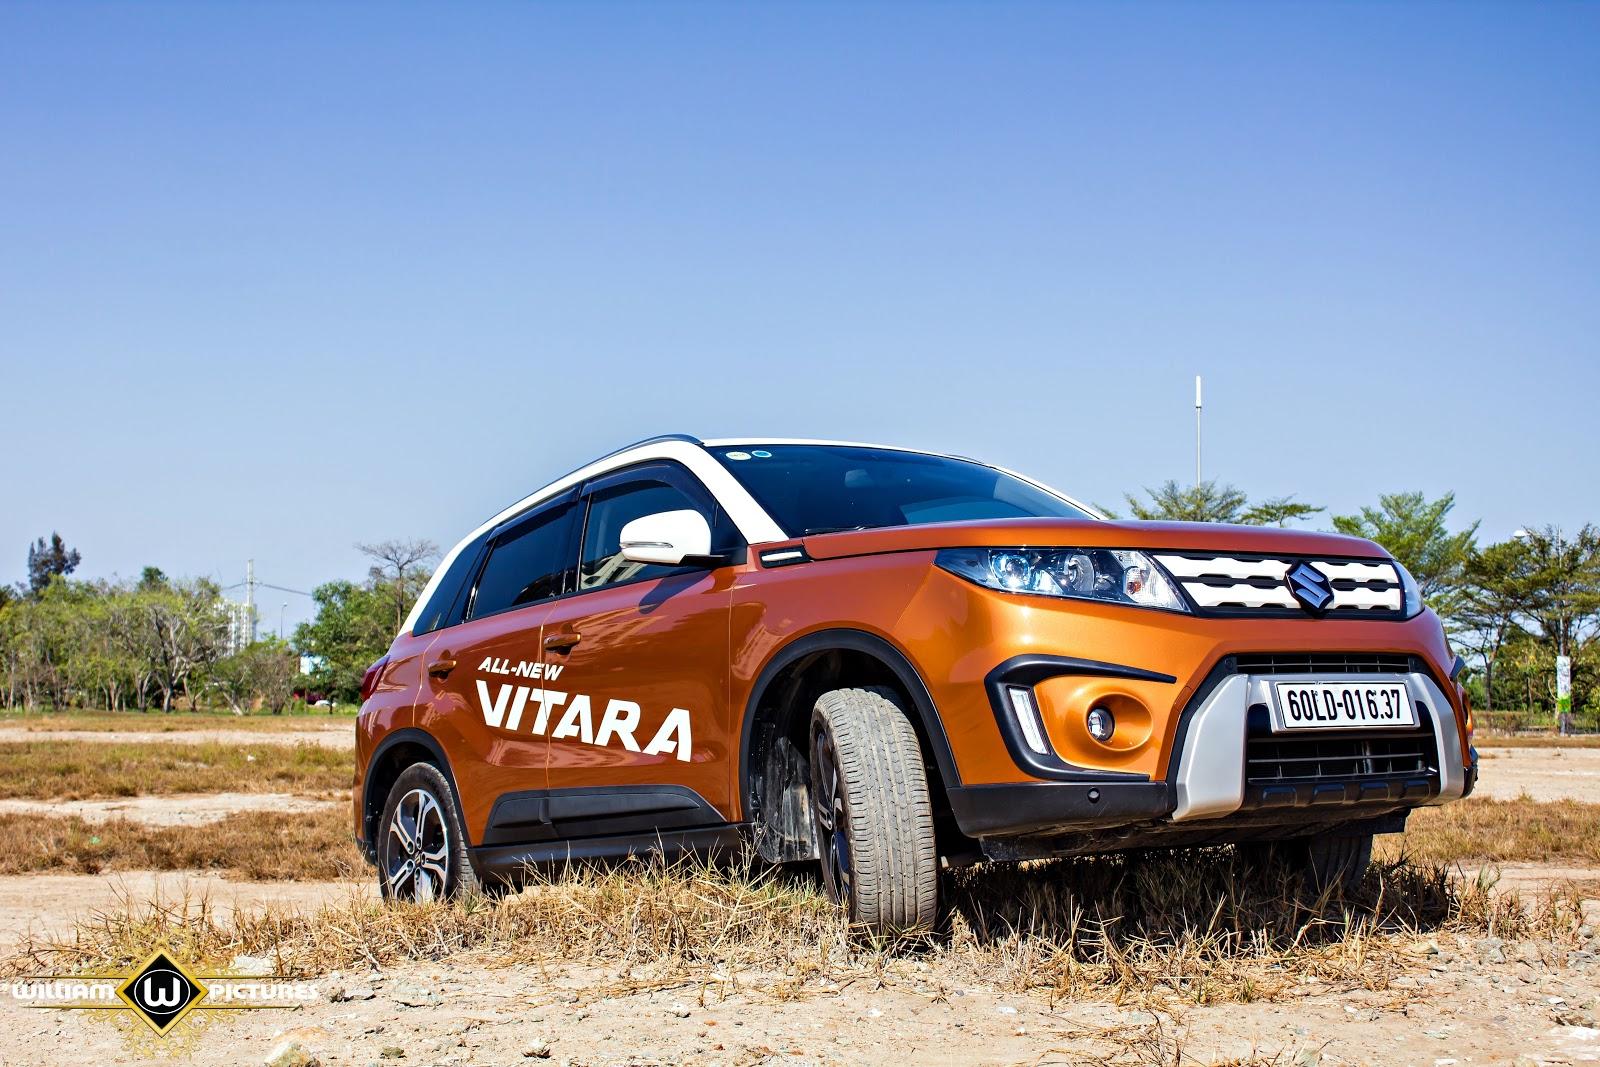 Suzuki Vitara 2016 đa nhiệm hơn, sang hơn, thông minh hơn và hiện đại hơn